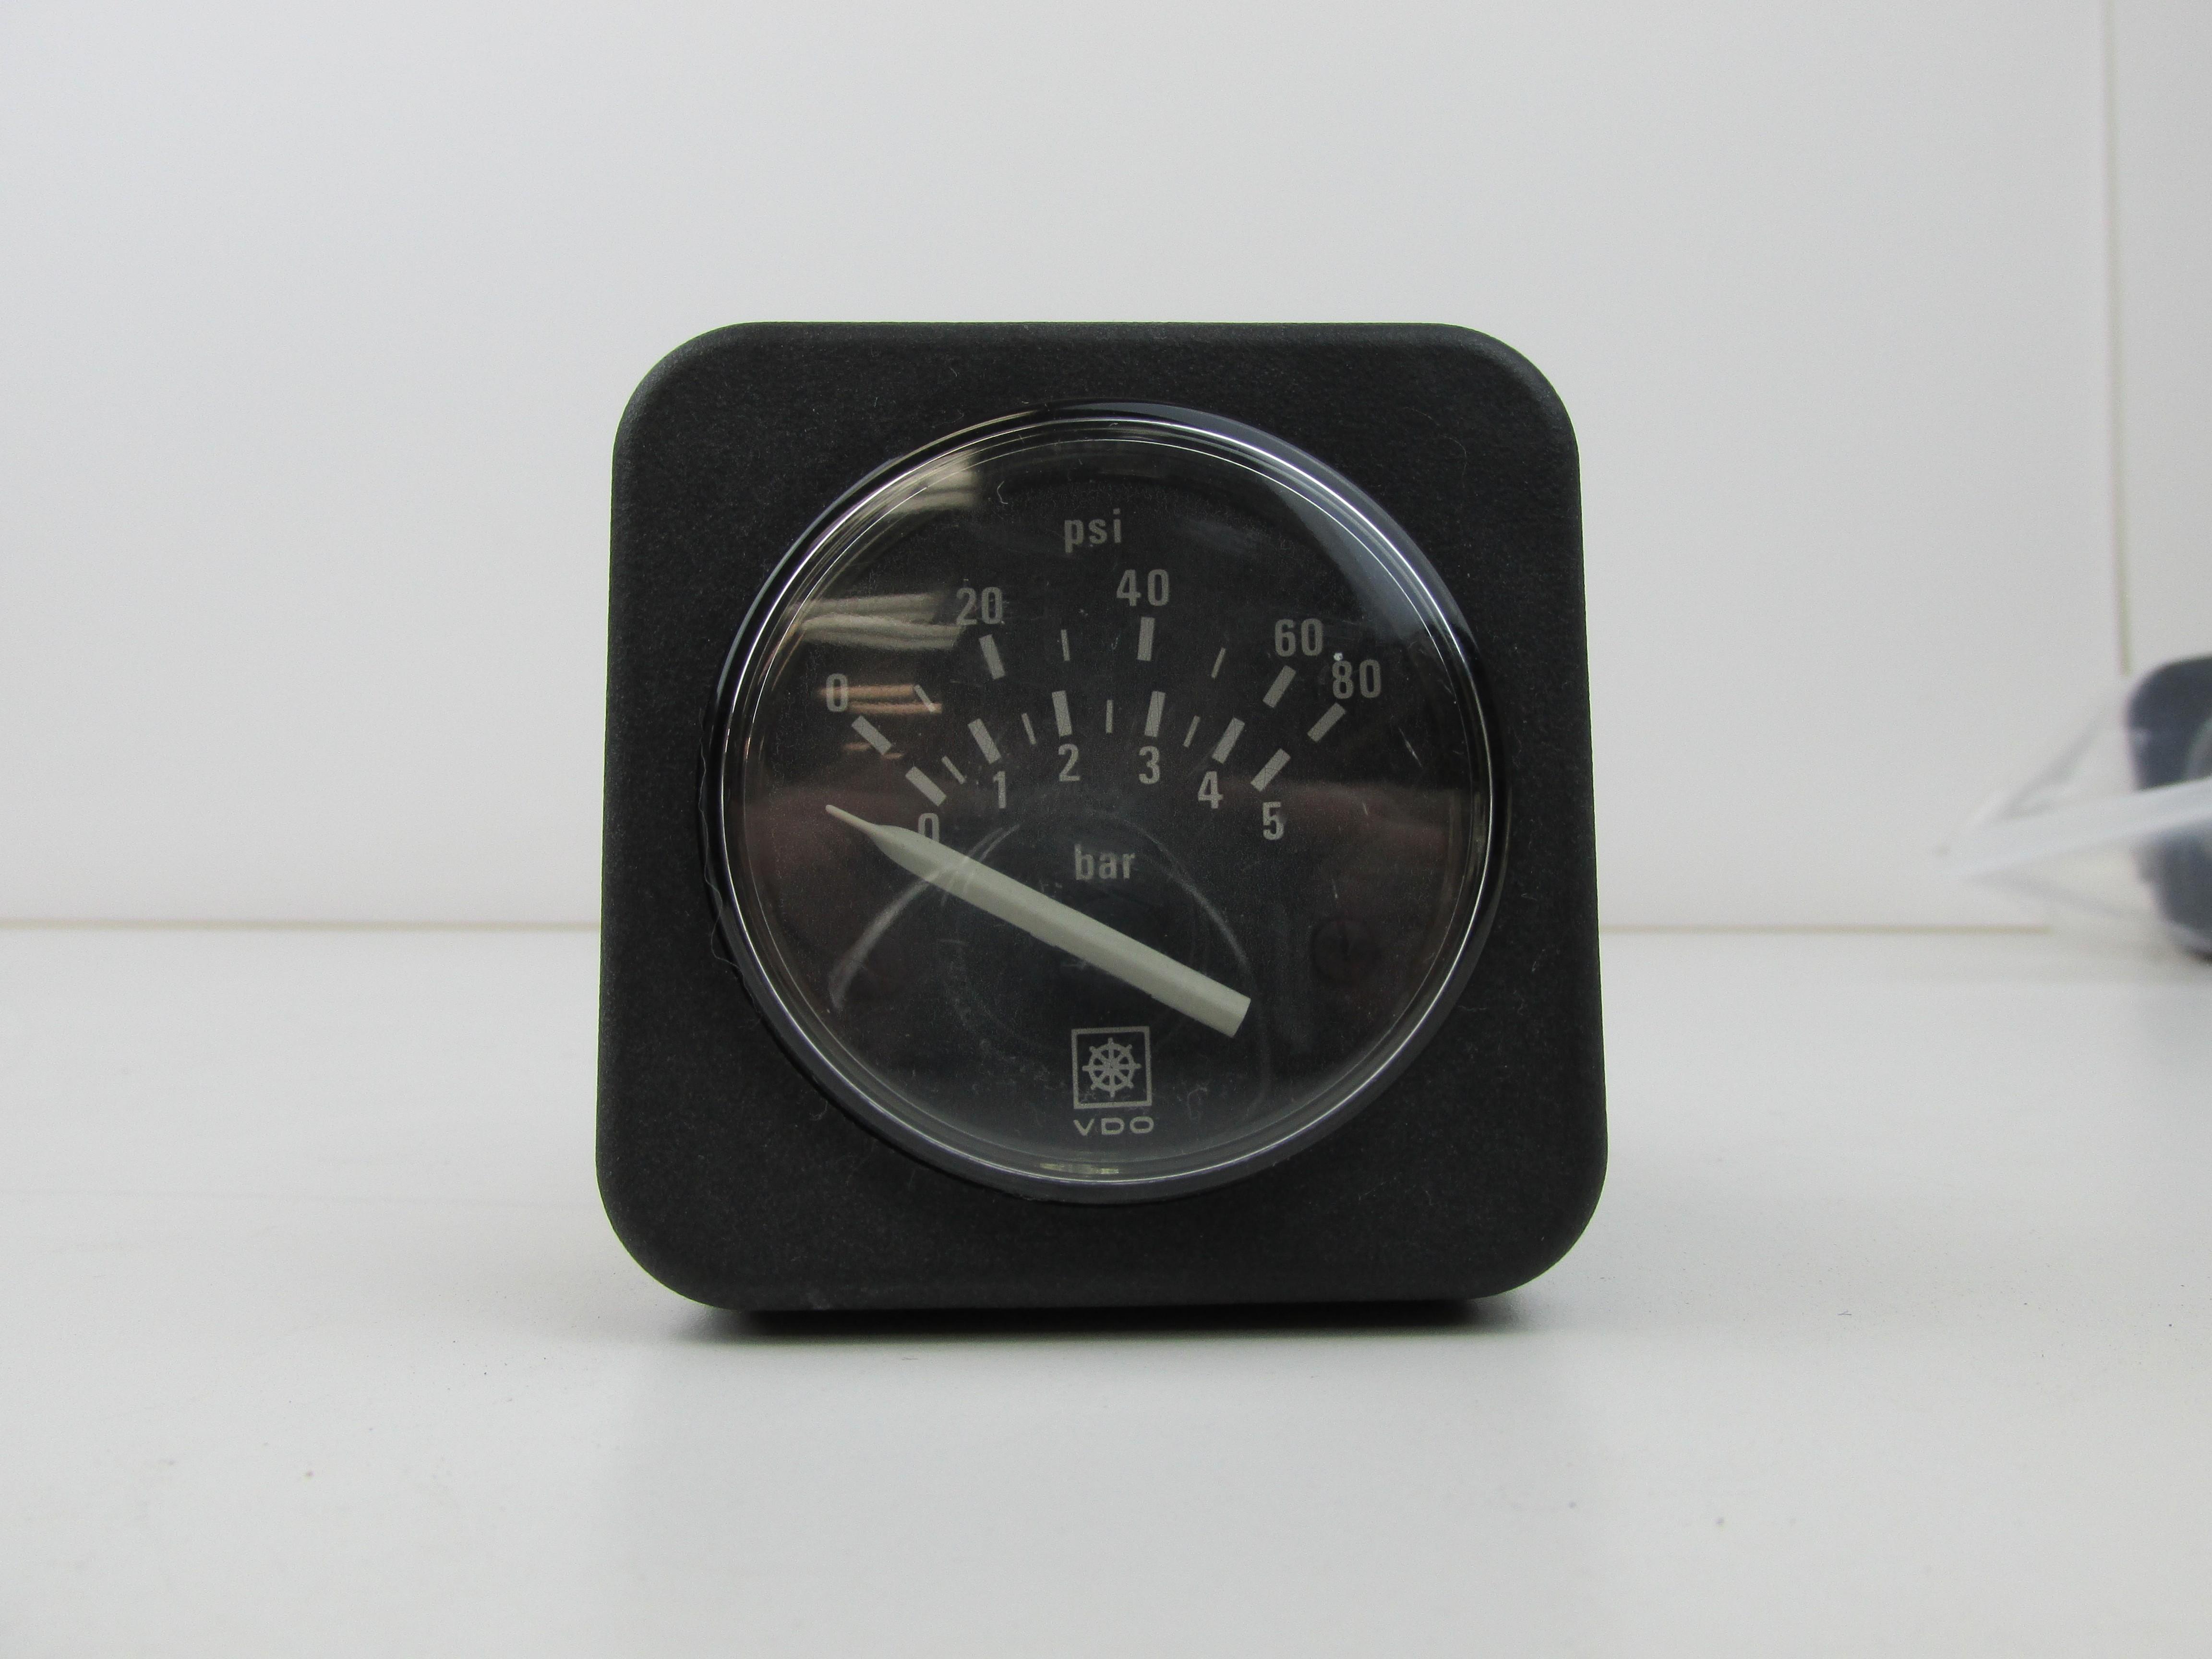 Cummins VDO 0 80 PSI Oil Pressure Gauge